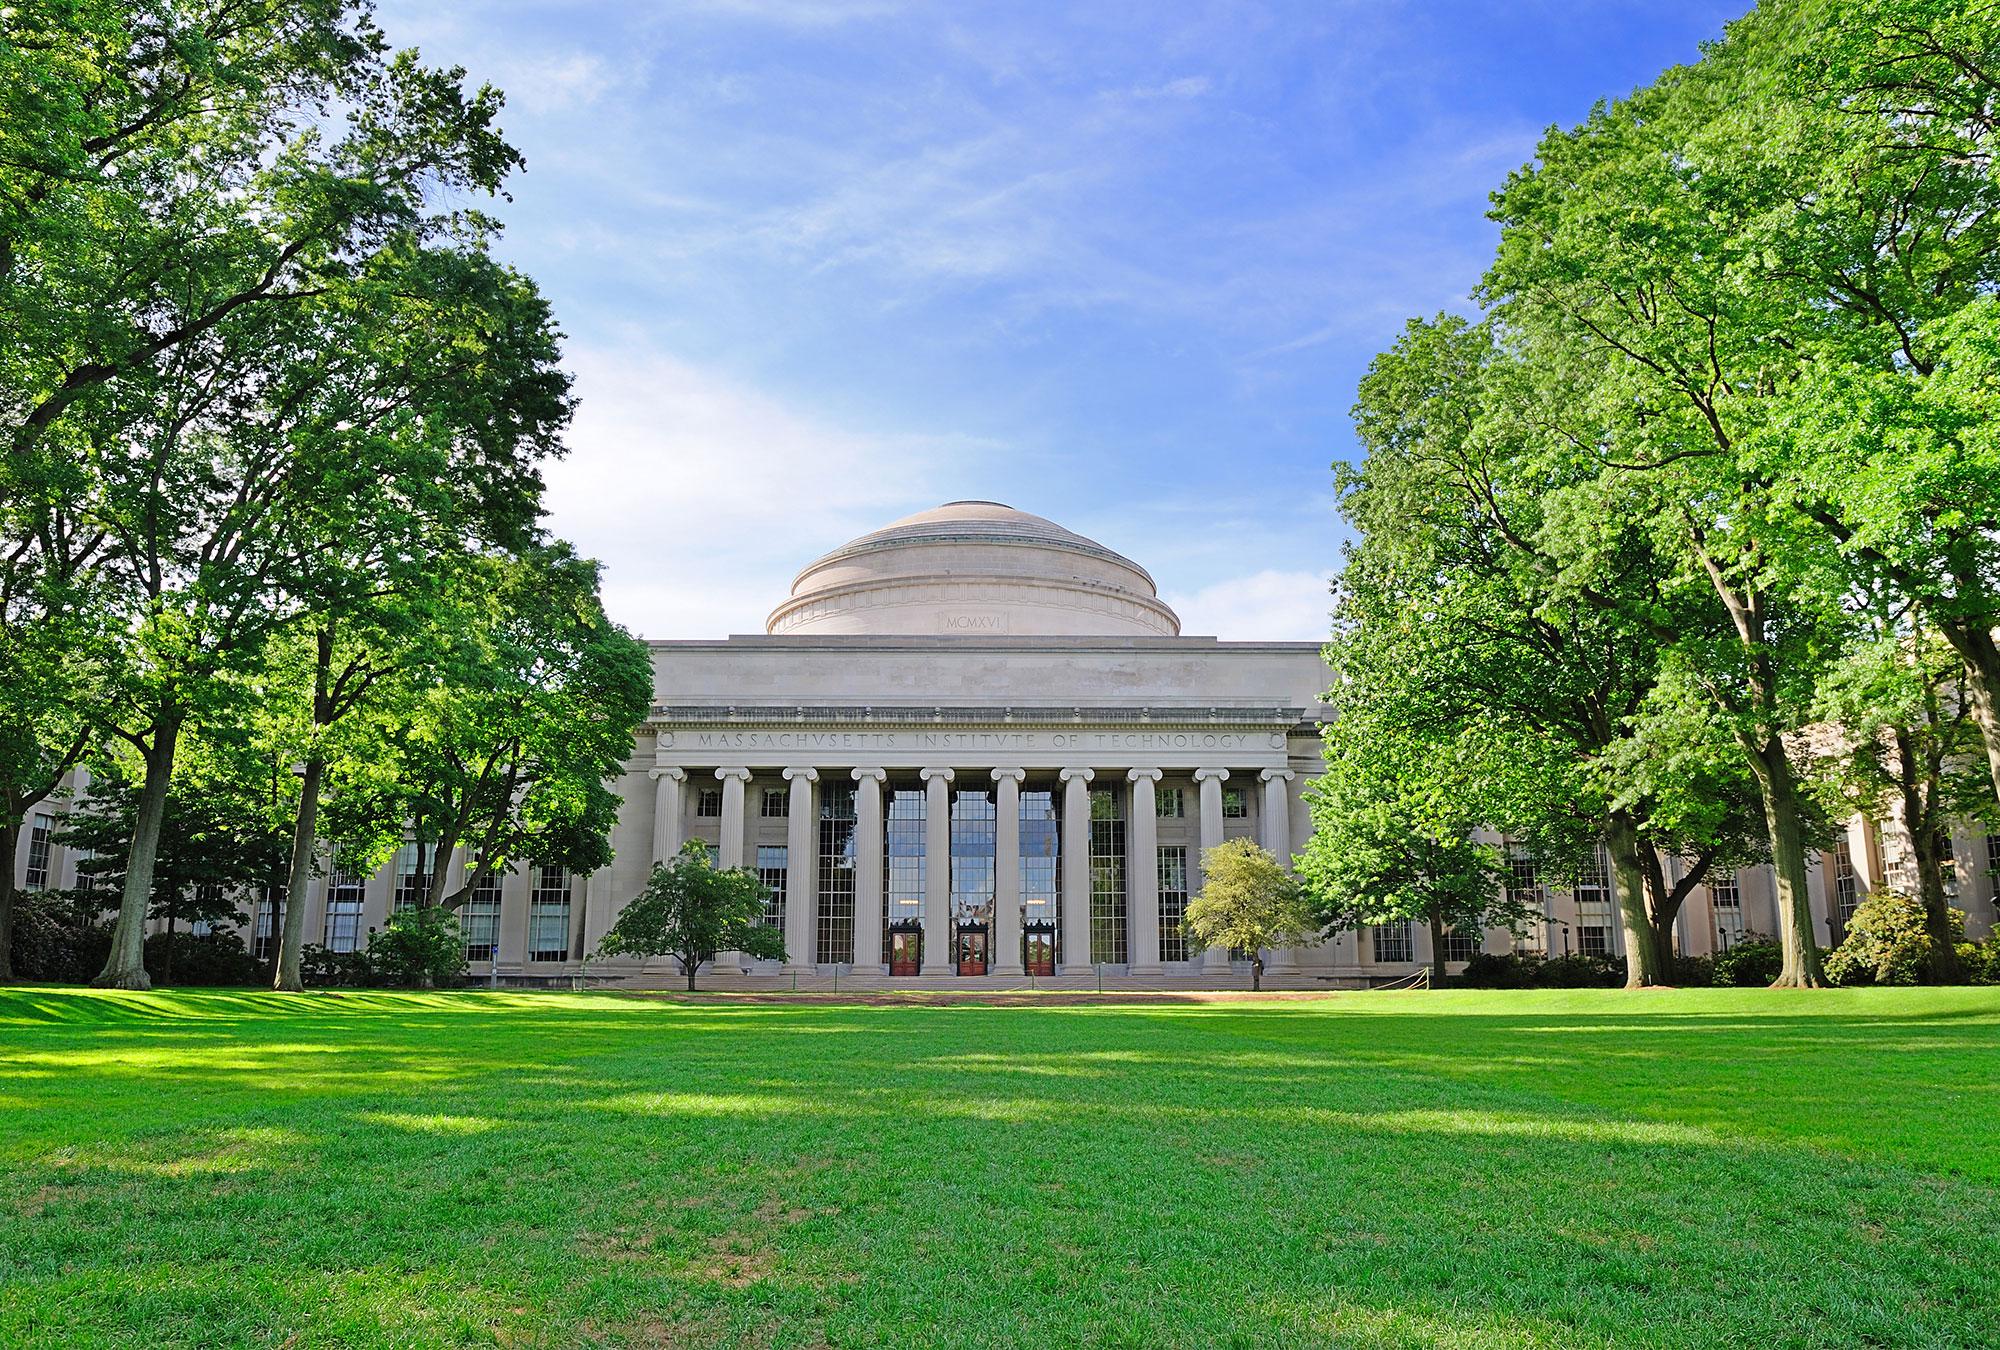 Image of MIT's campus